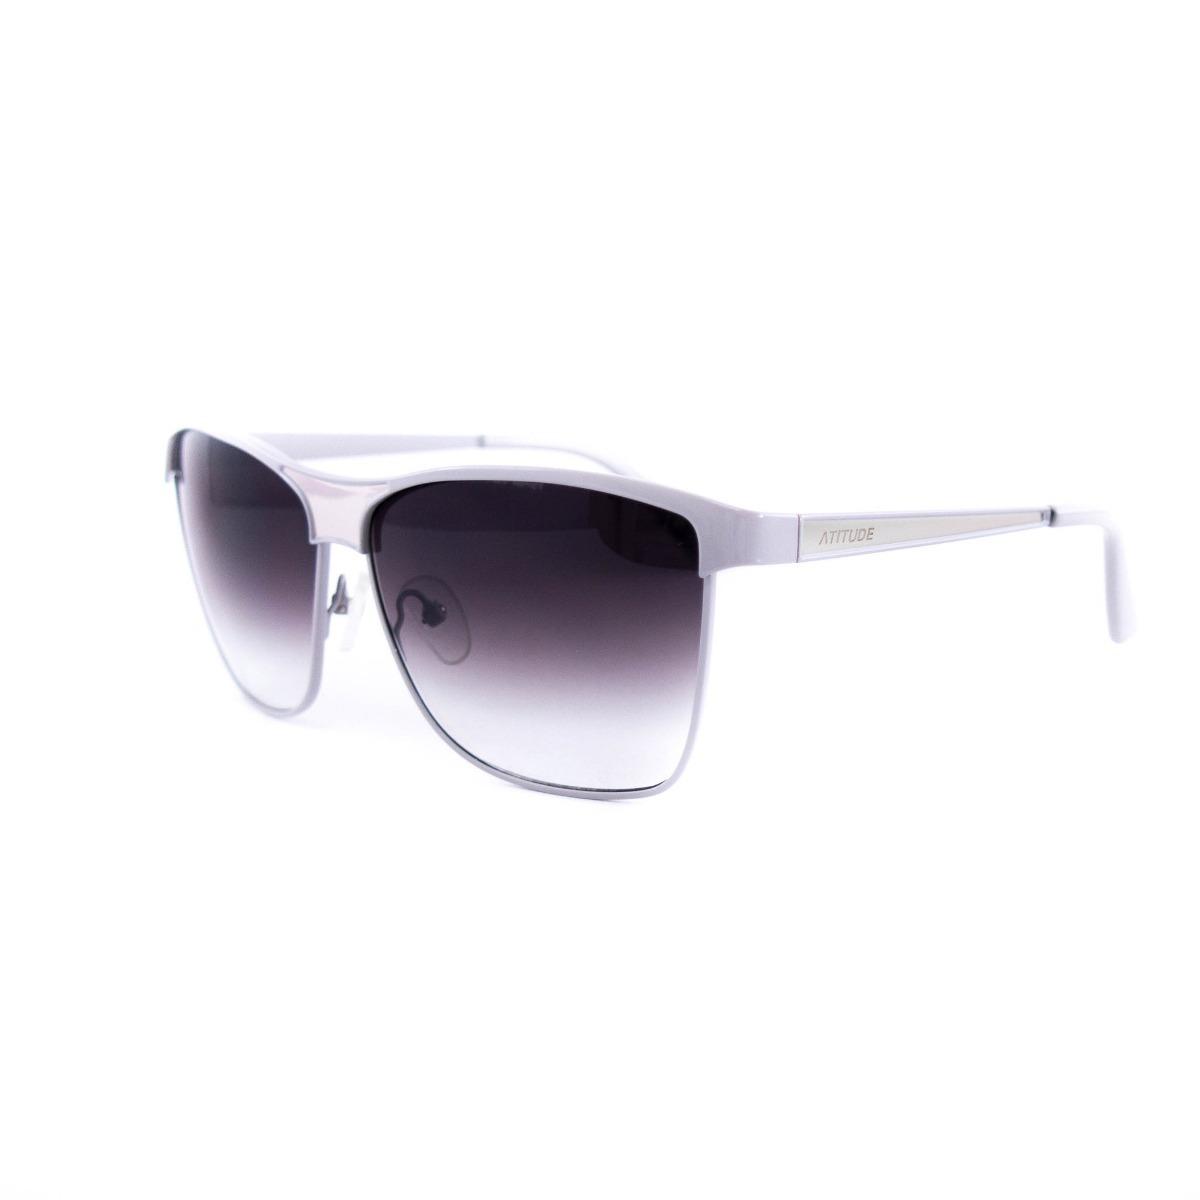 e9025c91e3a40 Óculos De Sol Atitude Feminino At3044 T03 - R  171,20 em Mercado Livre